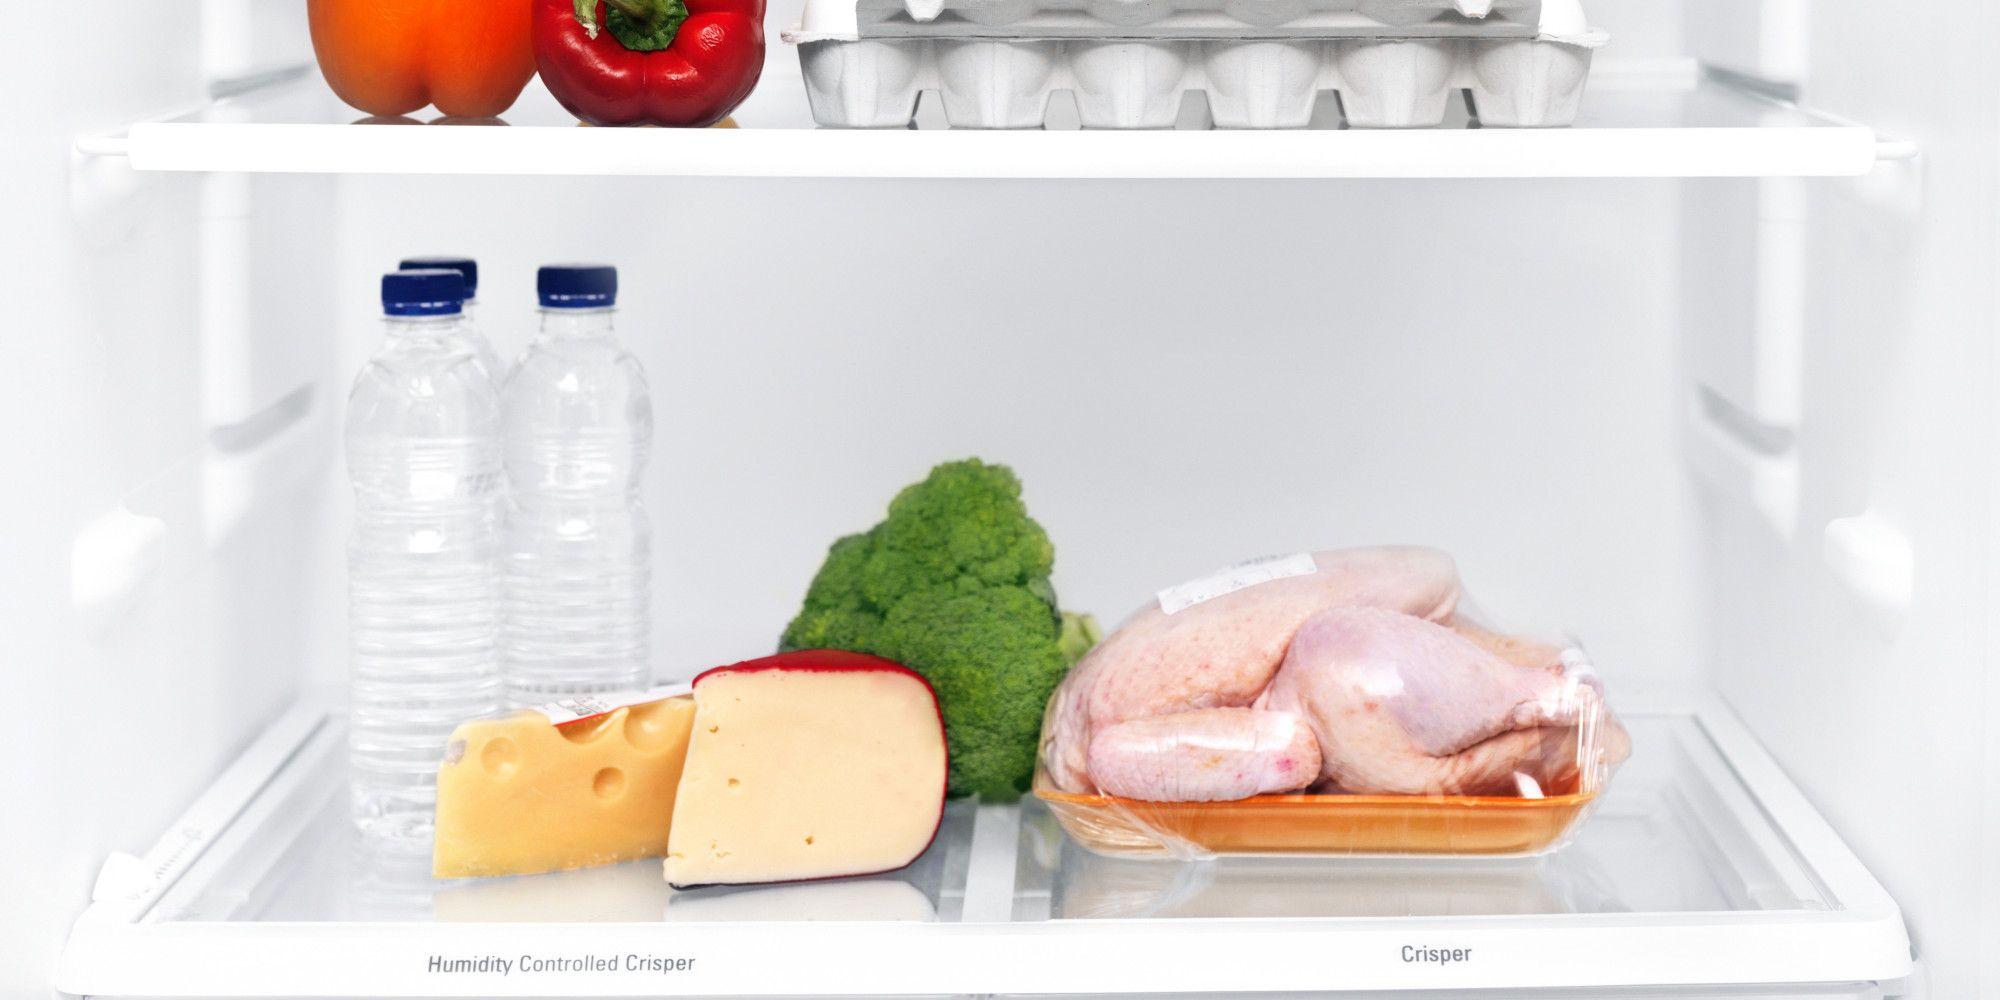 ¿Cuánto duran las cosas en el frigorífico? (FOTOS)